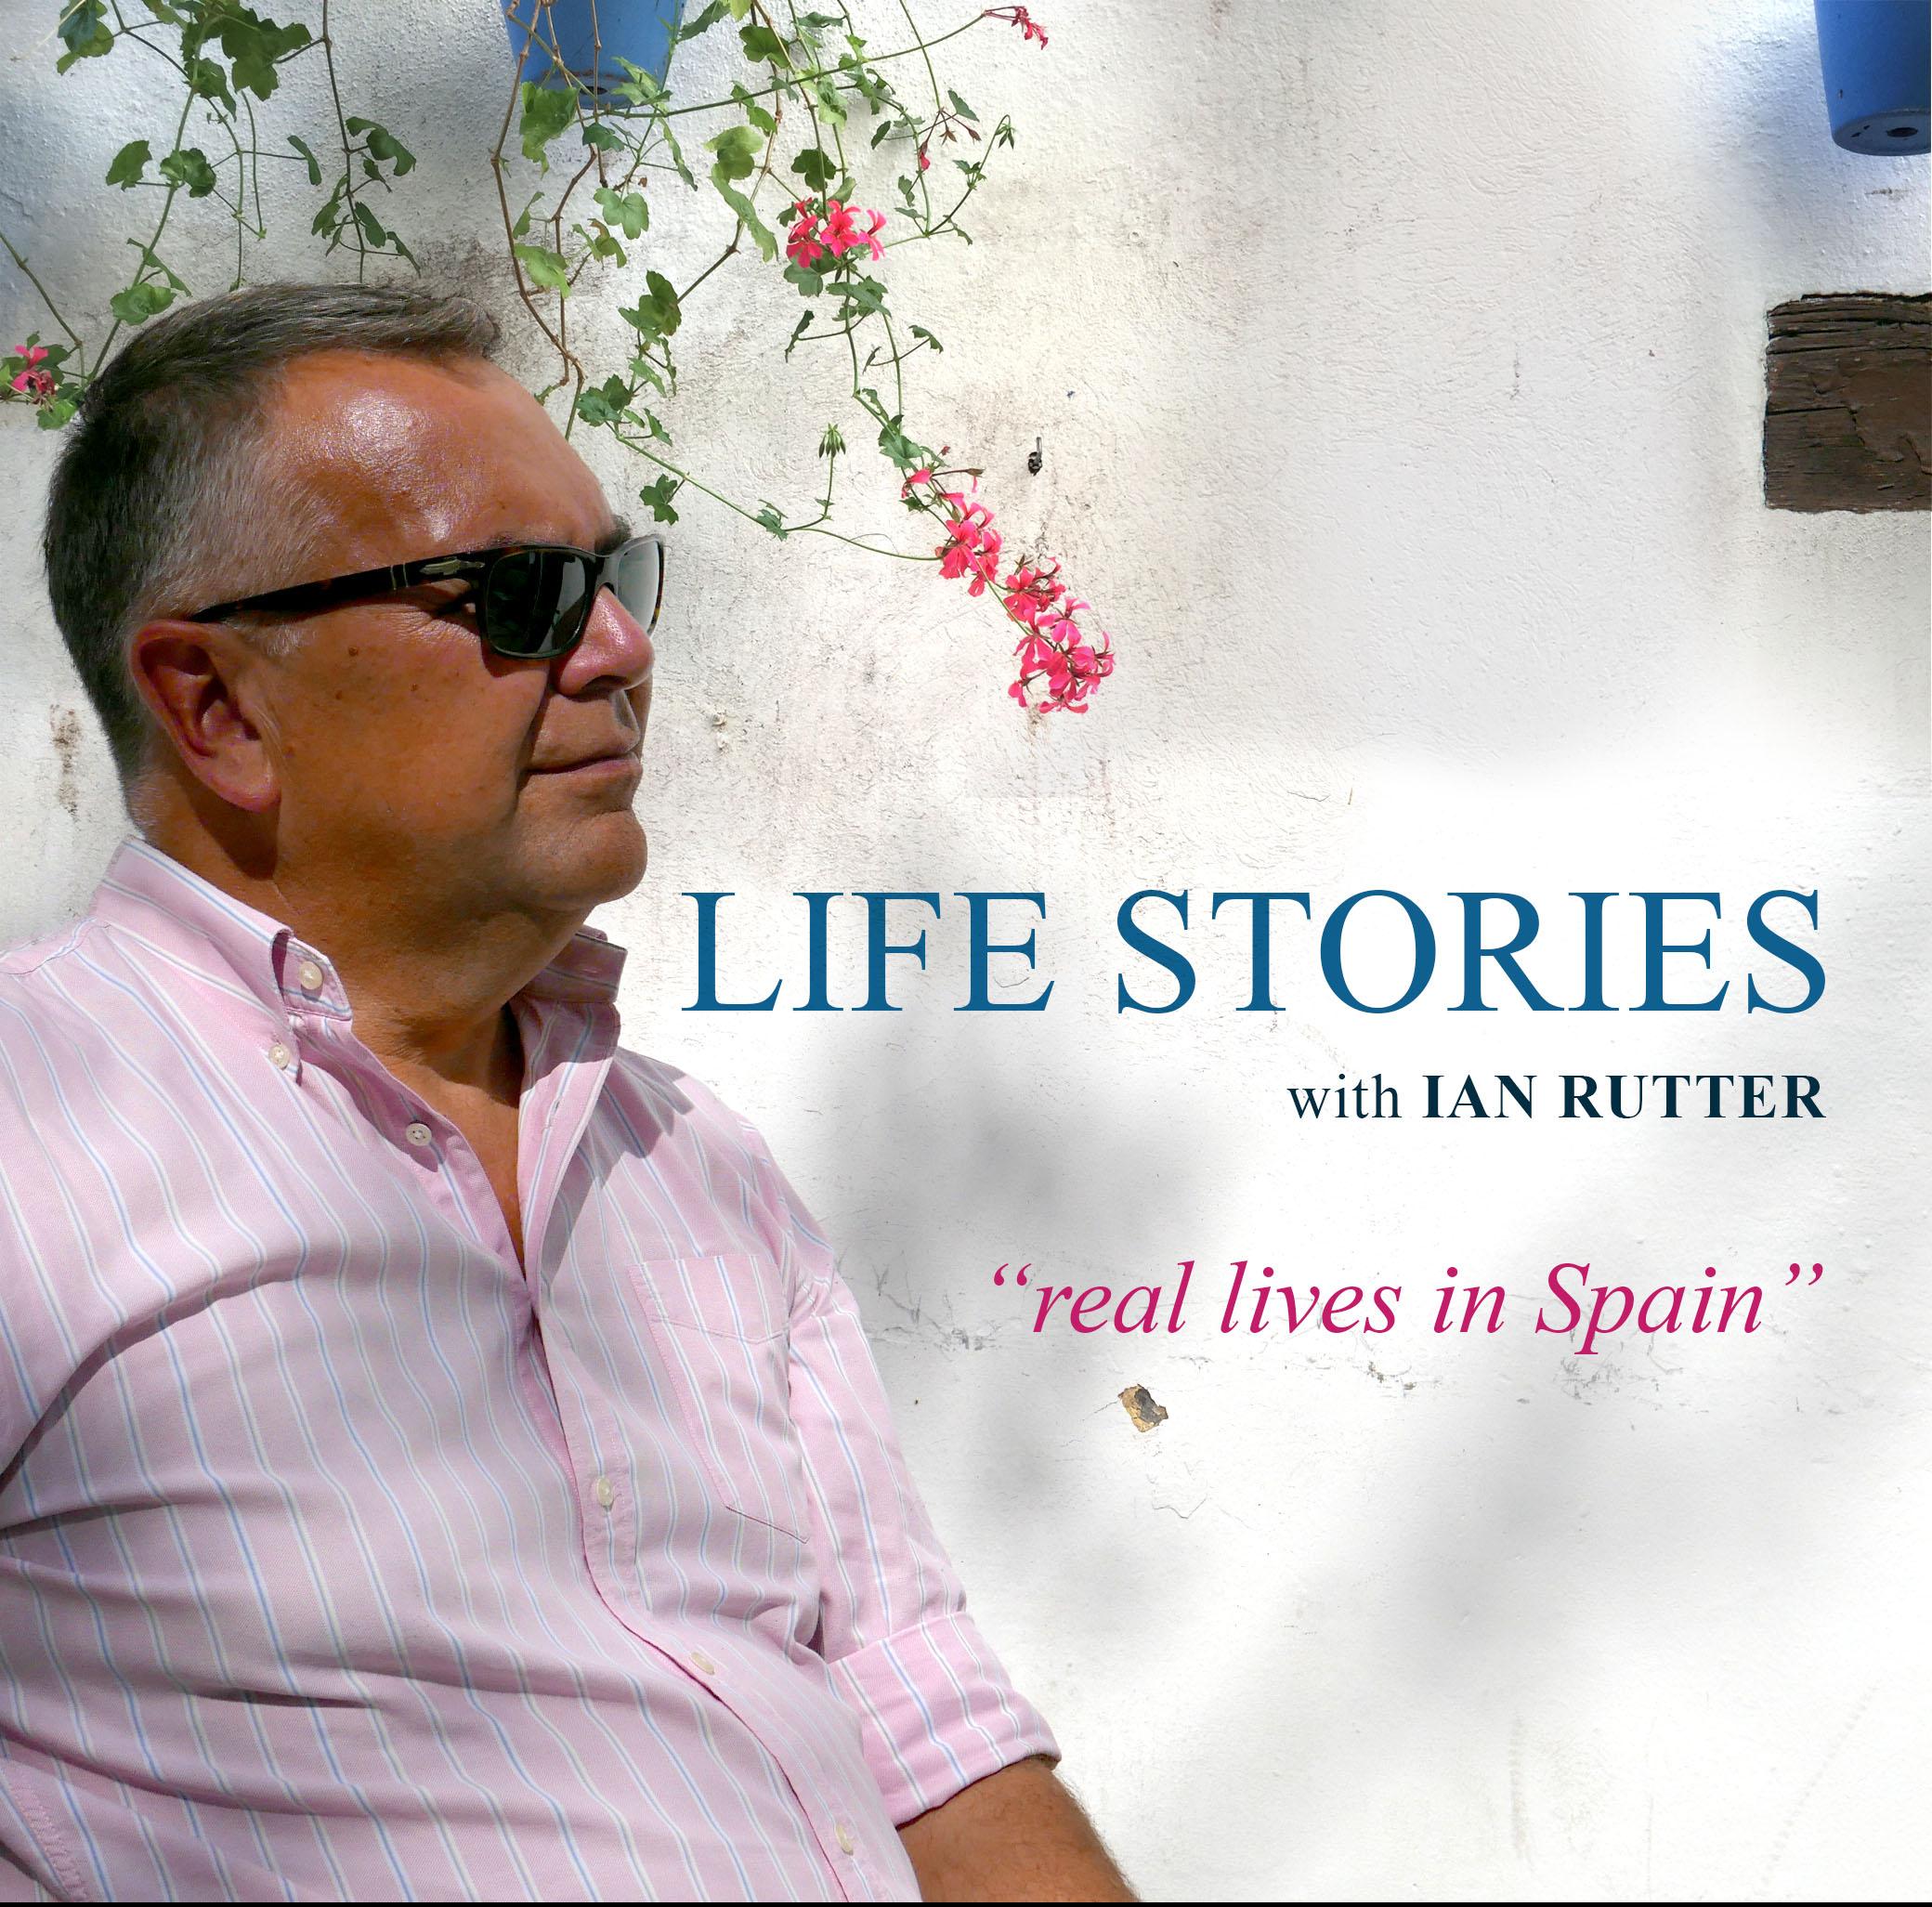 Life stories v2.jpg